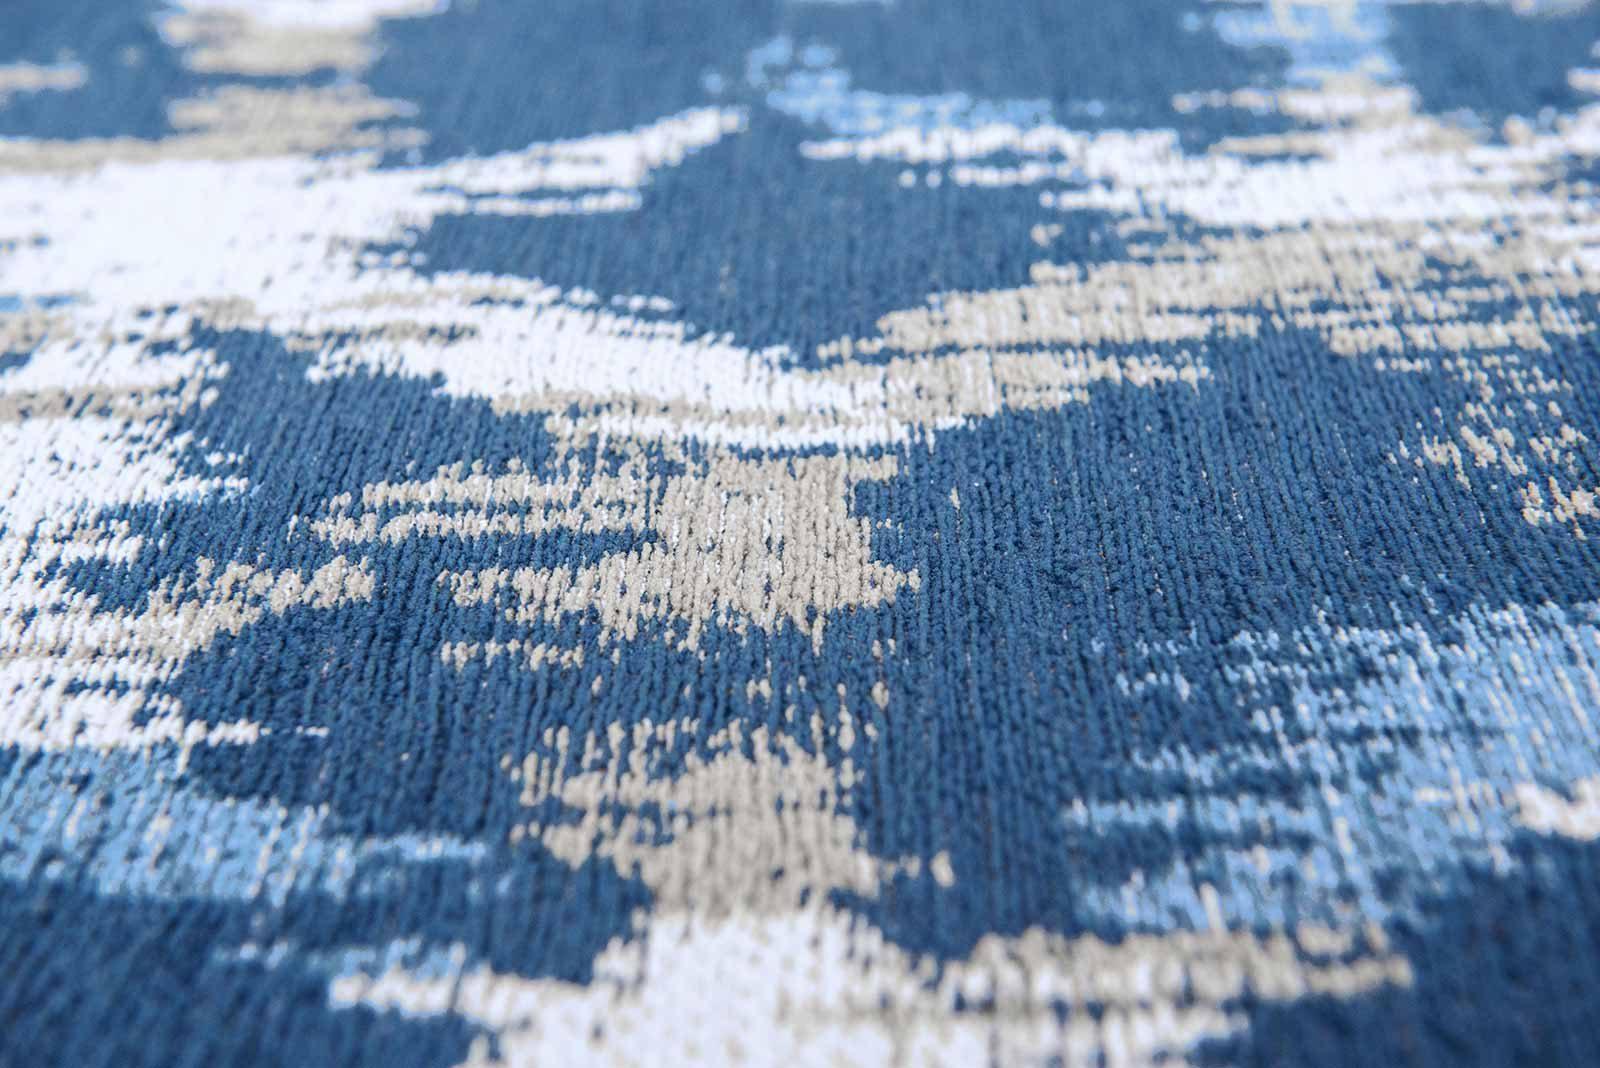 Louis De Poortere alfombras Villa Nova LX 8750 Sudare Indigo zoom 4